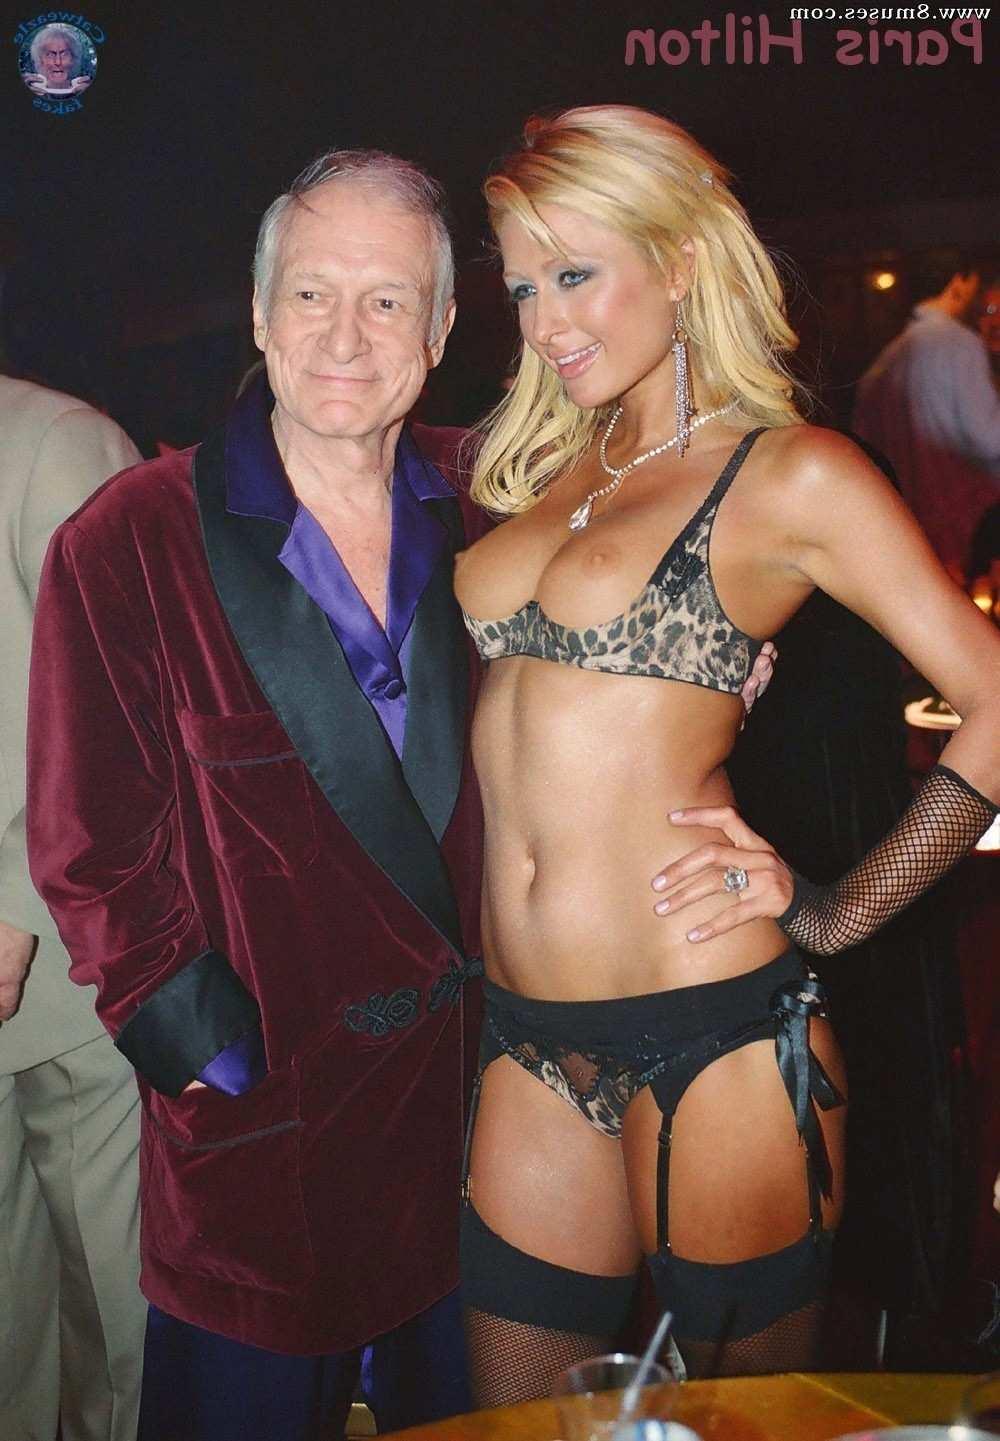 Fake-Celebrities-Sex-Pictures/Paris-Hilton Paris_Hilton__8muses_-_Sex_and_Porn_Comics_108.jpg